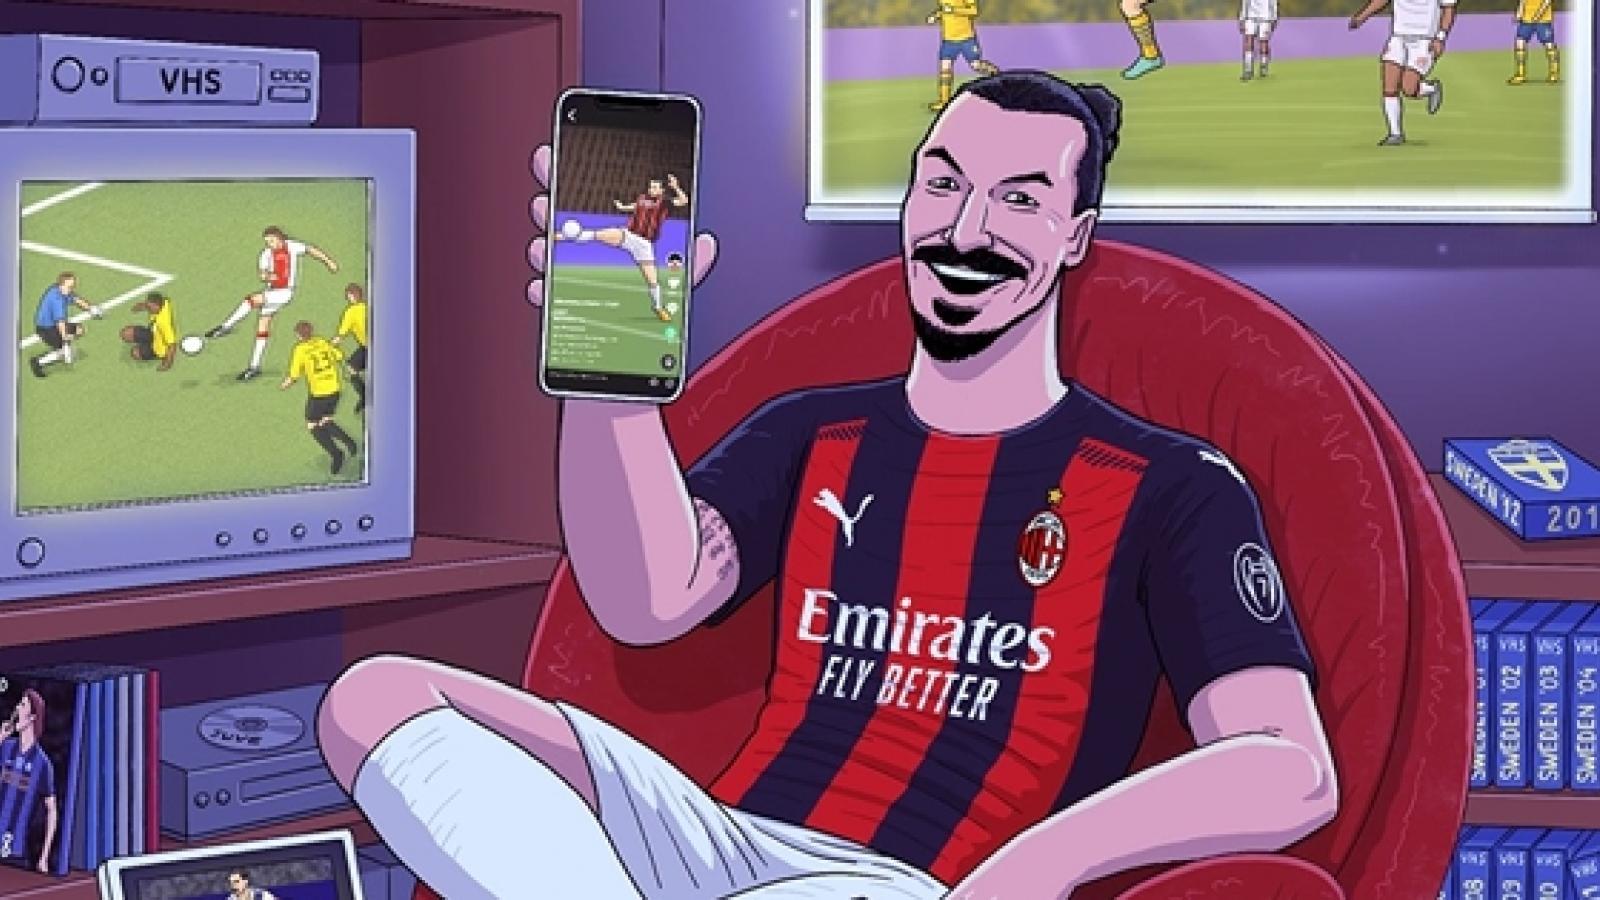 """Biếm họa 24h: """"Tài năng trẻ"""" Zlatan Ibrahimovic không thể ngừng ghi bàn"""